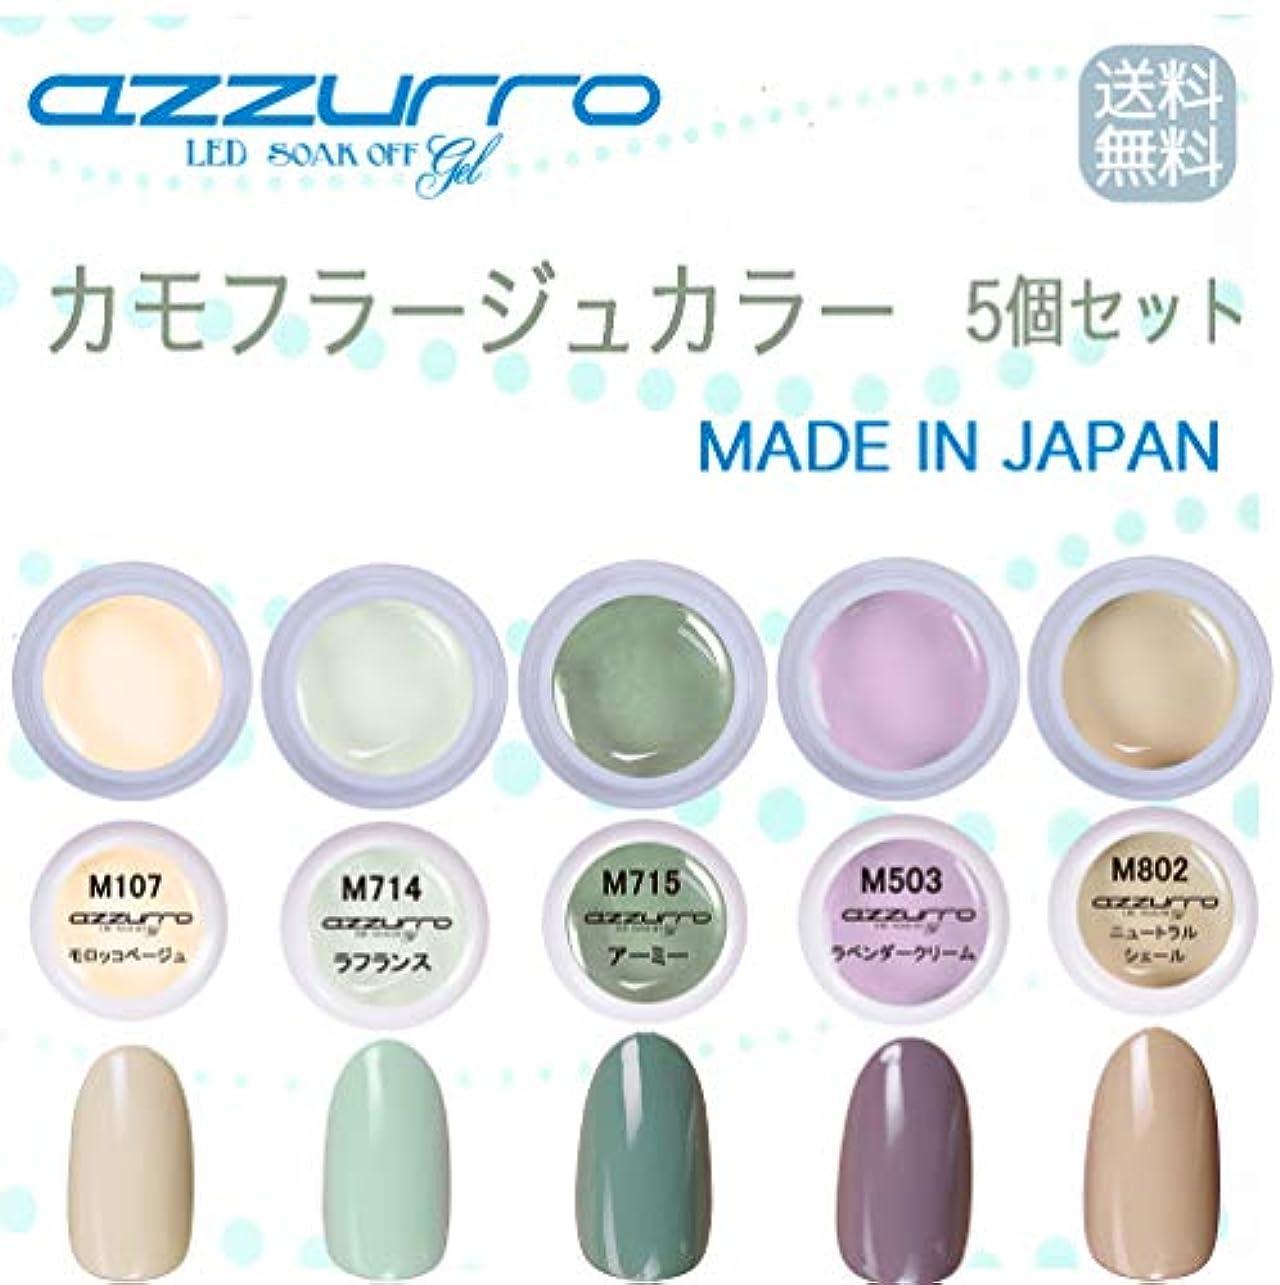 パラナ川離婚ではごきげんよう【送料無料】日本製 azzurro gel カモフラージュカラージェル5個セット 春にピッタリでクールなトレンドカラーのカモフラージュカラー